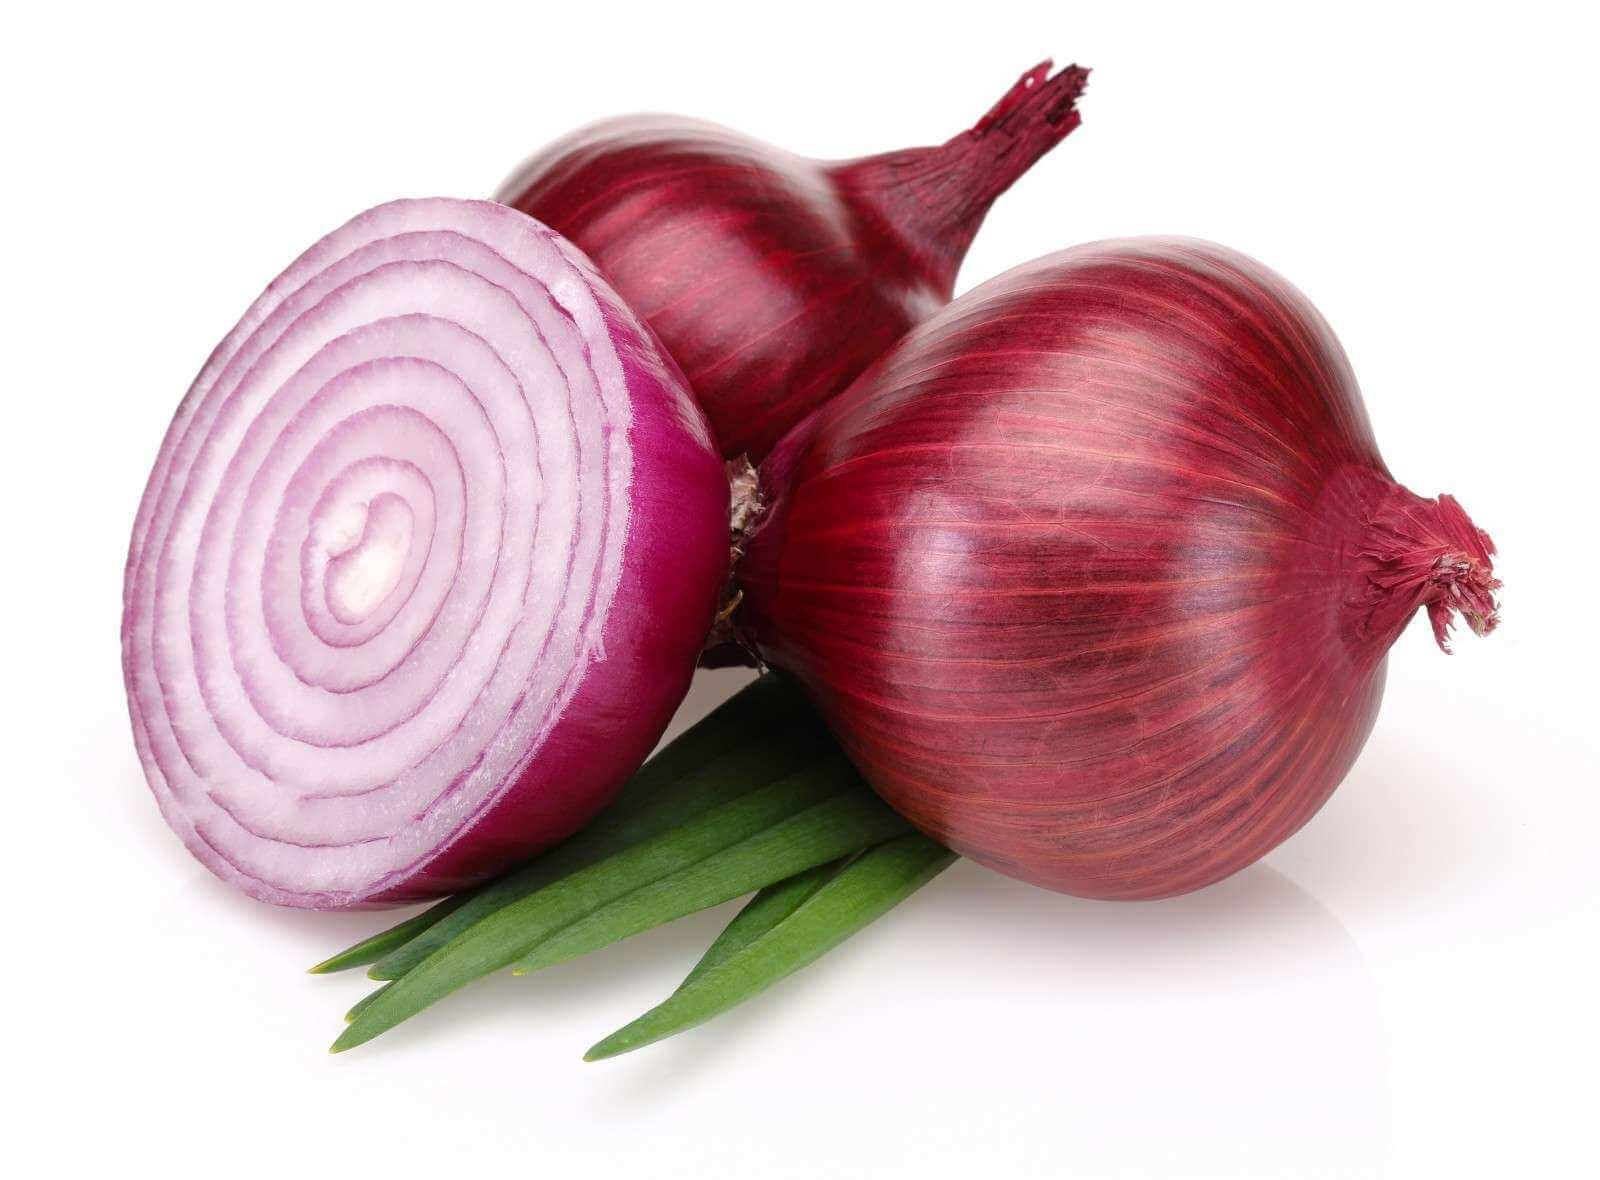 وصفة البصل وزيت الكتان لتغذية الشعر